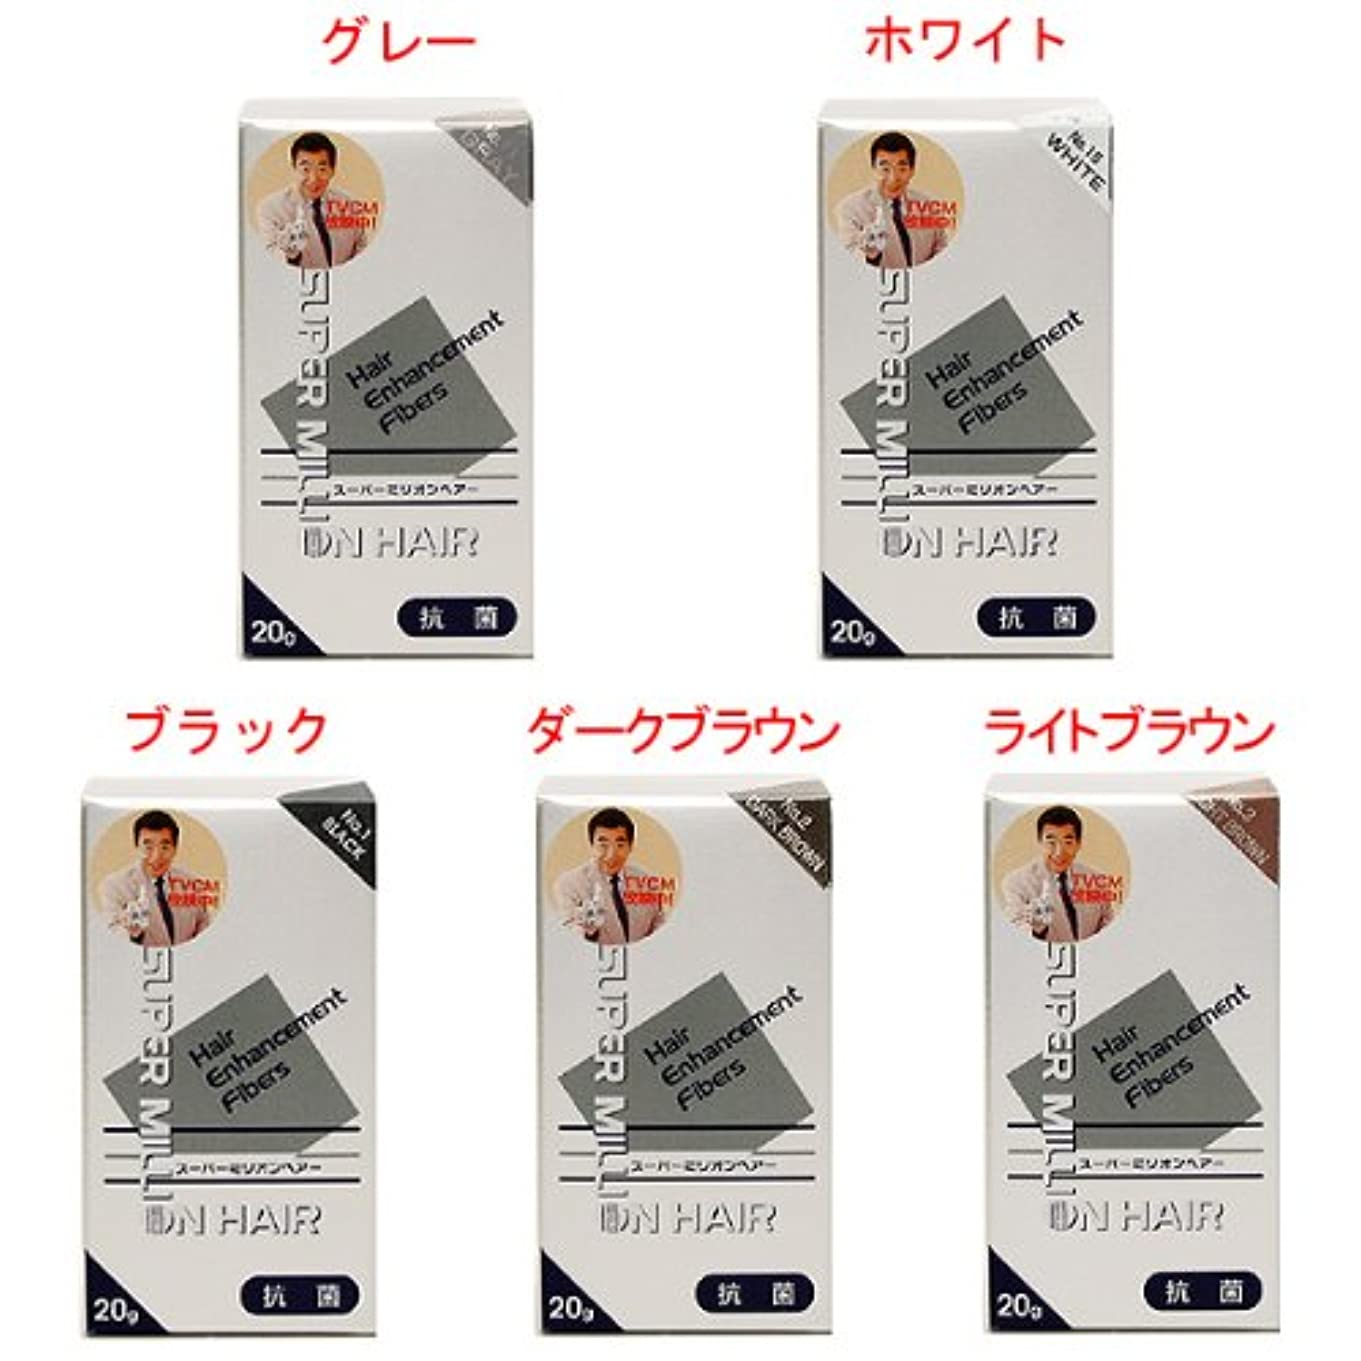 バブル担保スモッグスーパーミリオンこげ茶20G3500 ルアン(株)